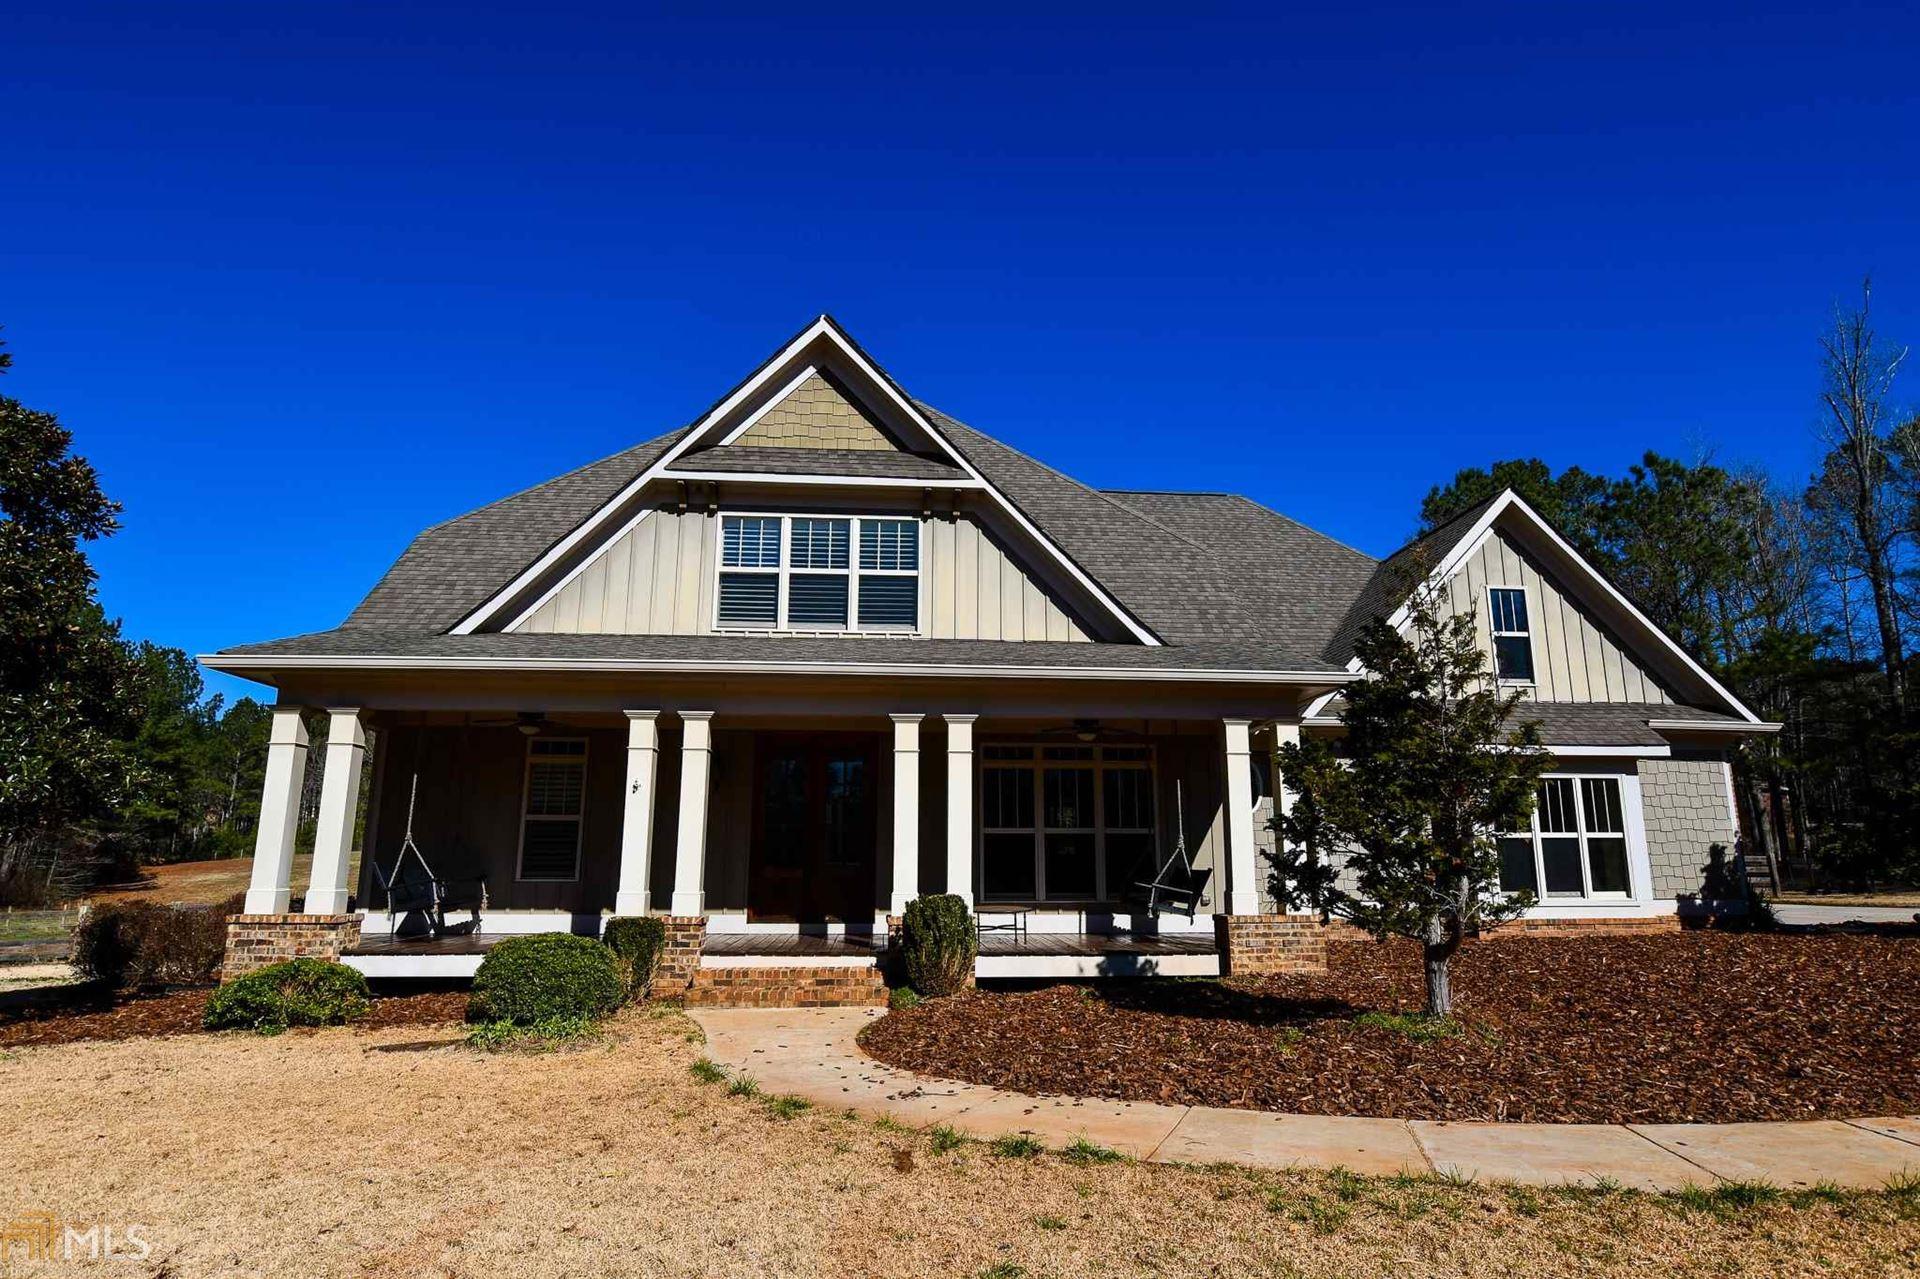 Photo of 2291 Reese, Rutledge, GA 30663 (MLS # 8933528)